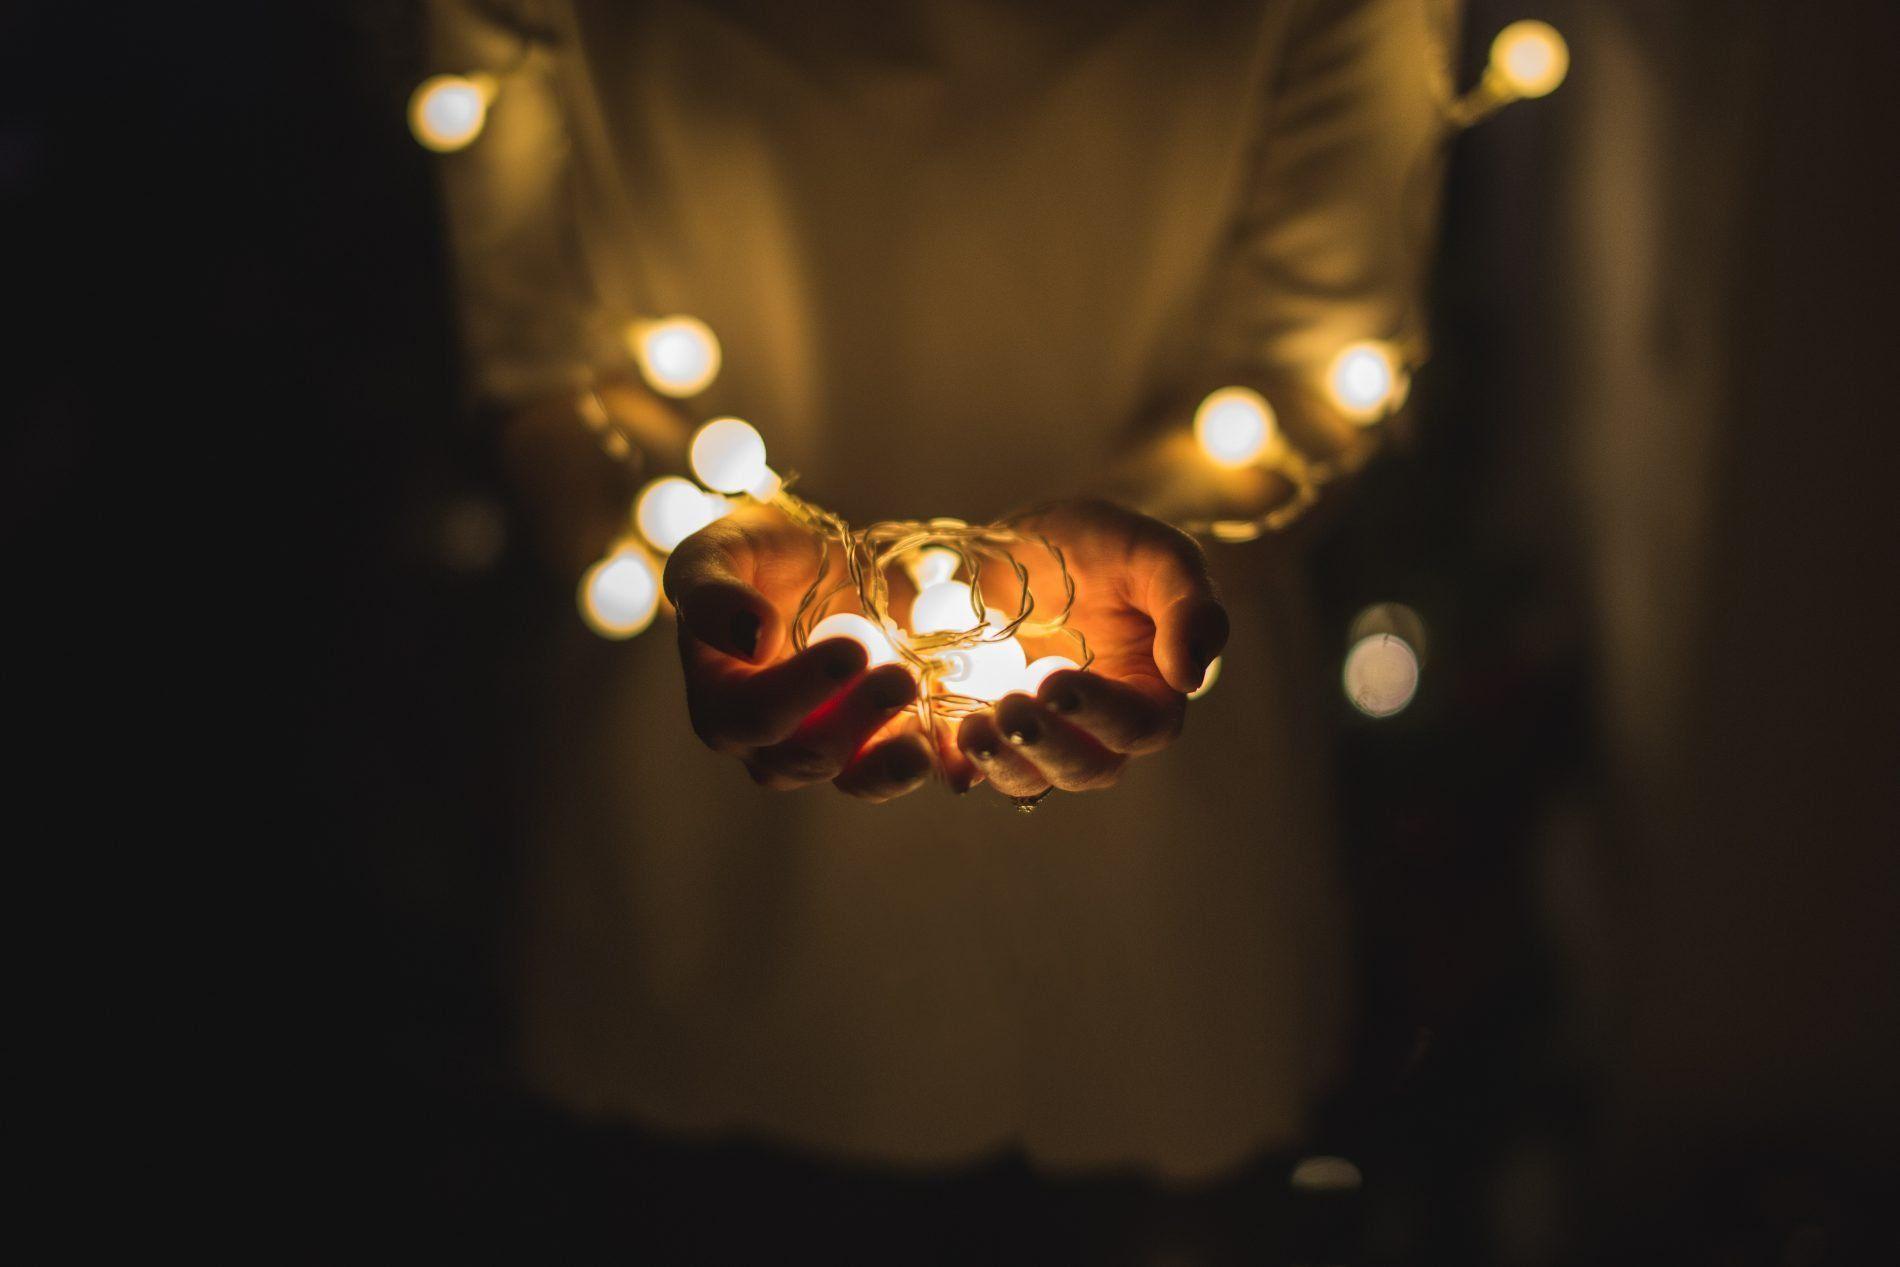 Pris(o)tnost Božične noči